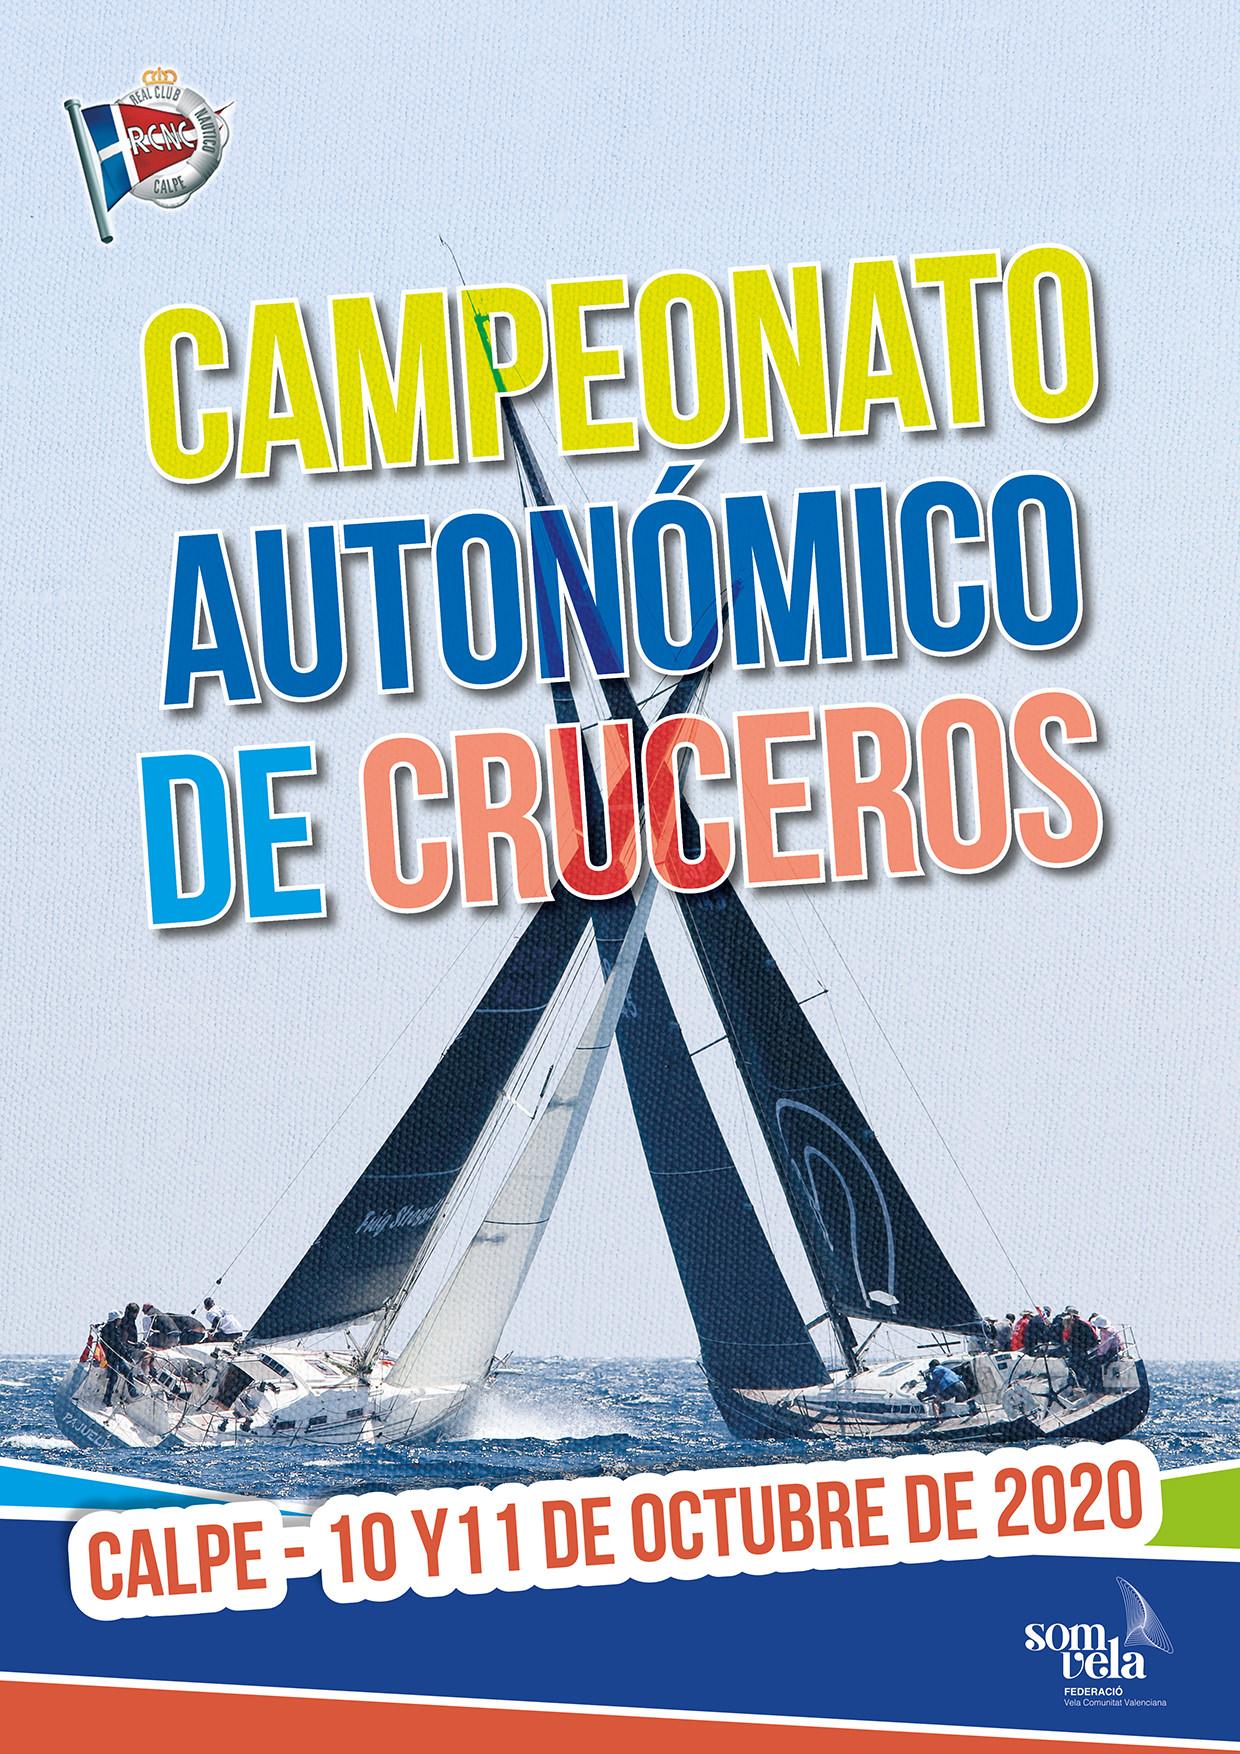 CAMPEONATO AUTONÓMICO DE CRUCEROS - Trofeo Generalitat Valenciana